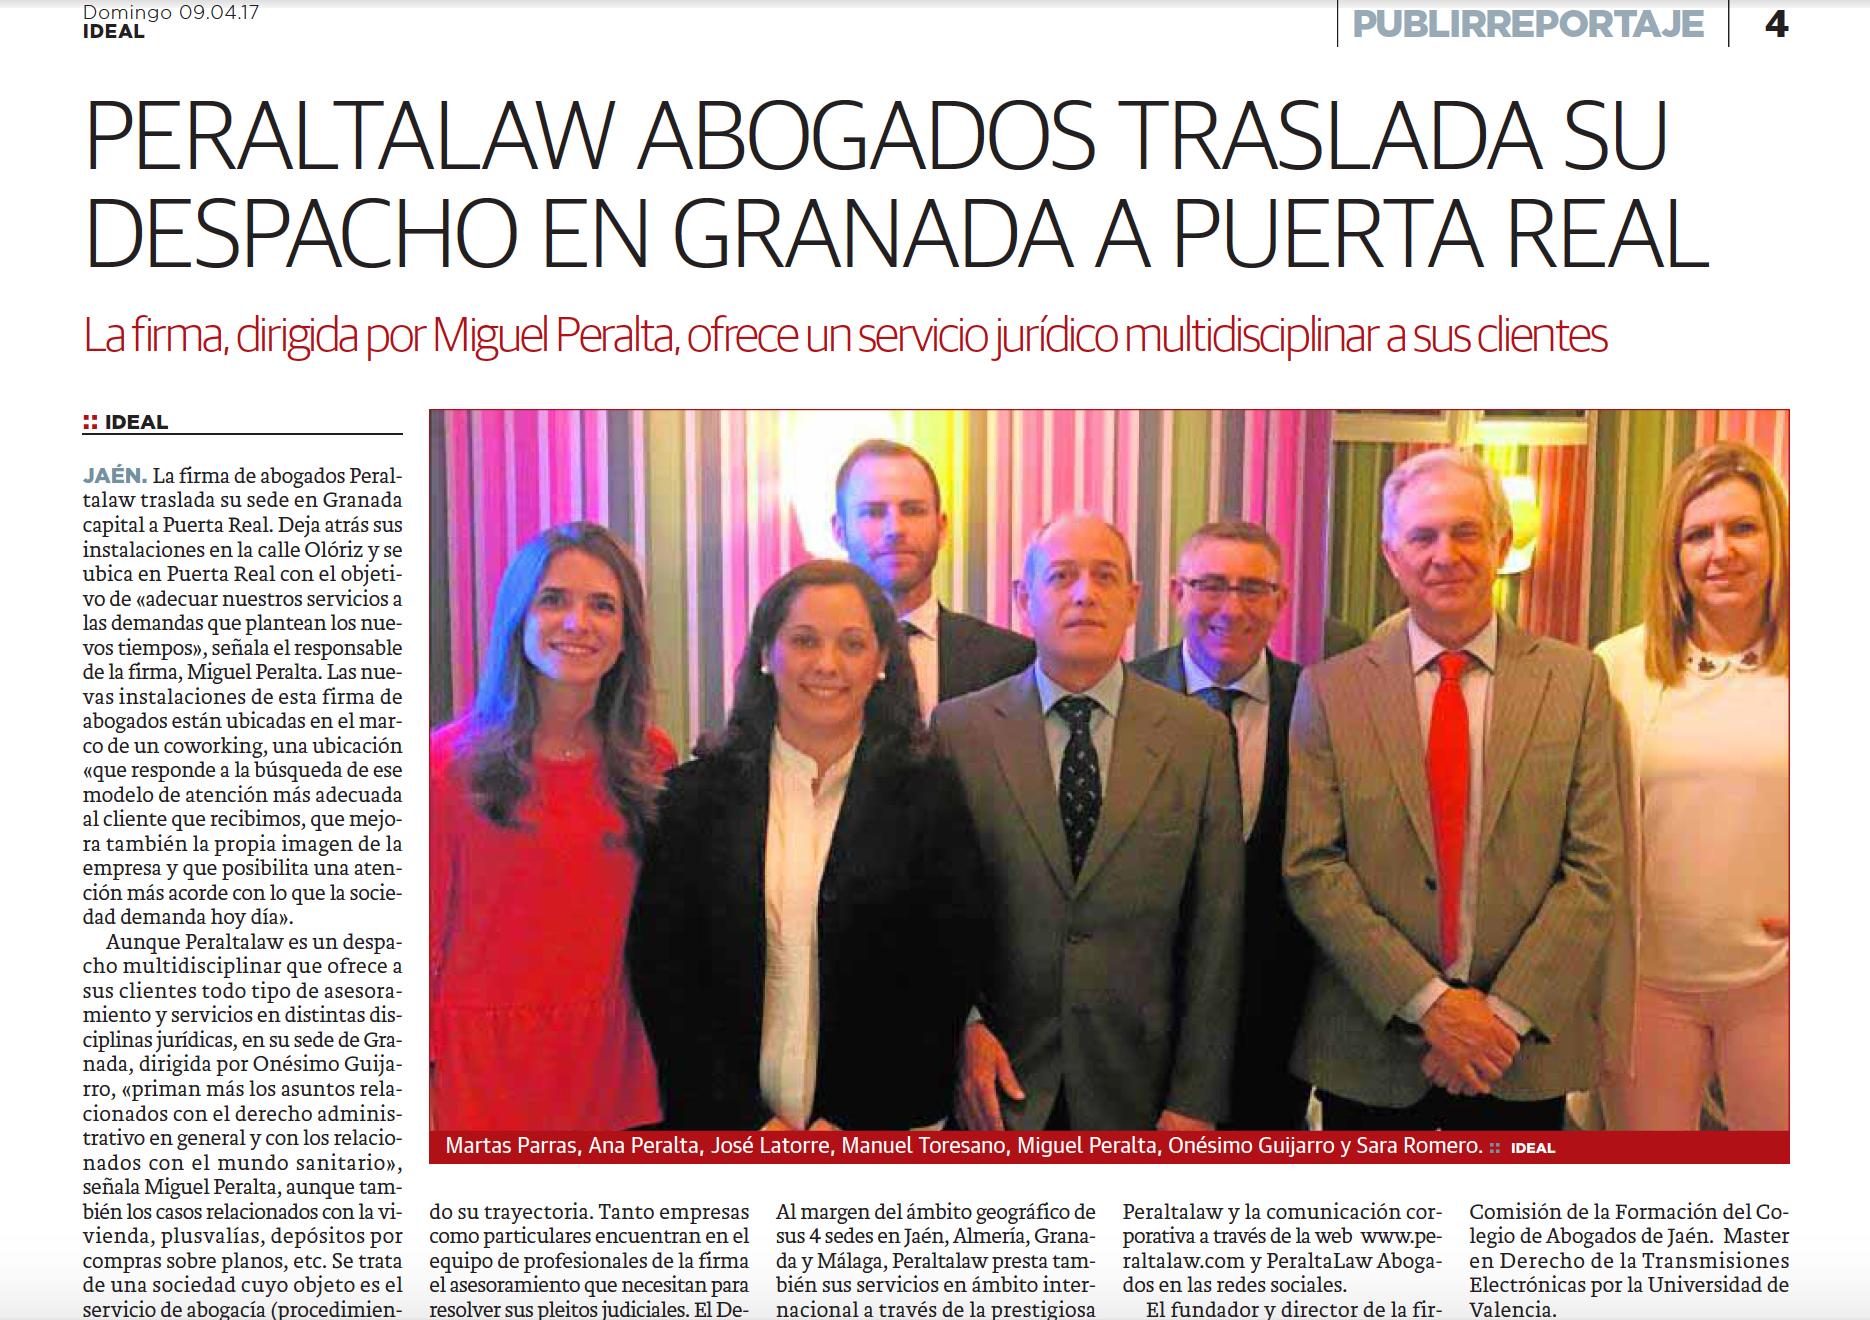 abogados granada peraltalaw